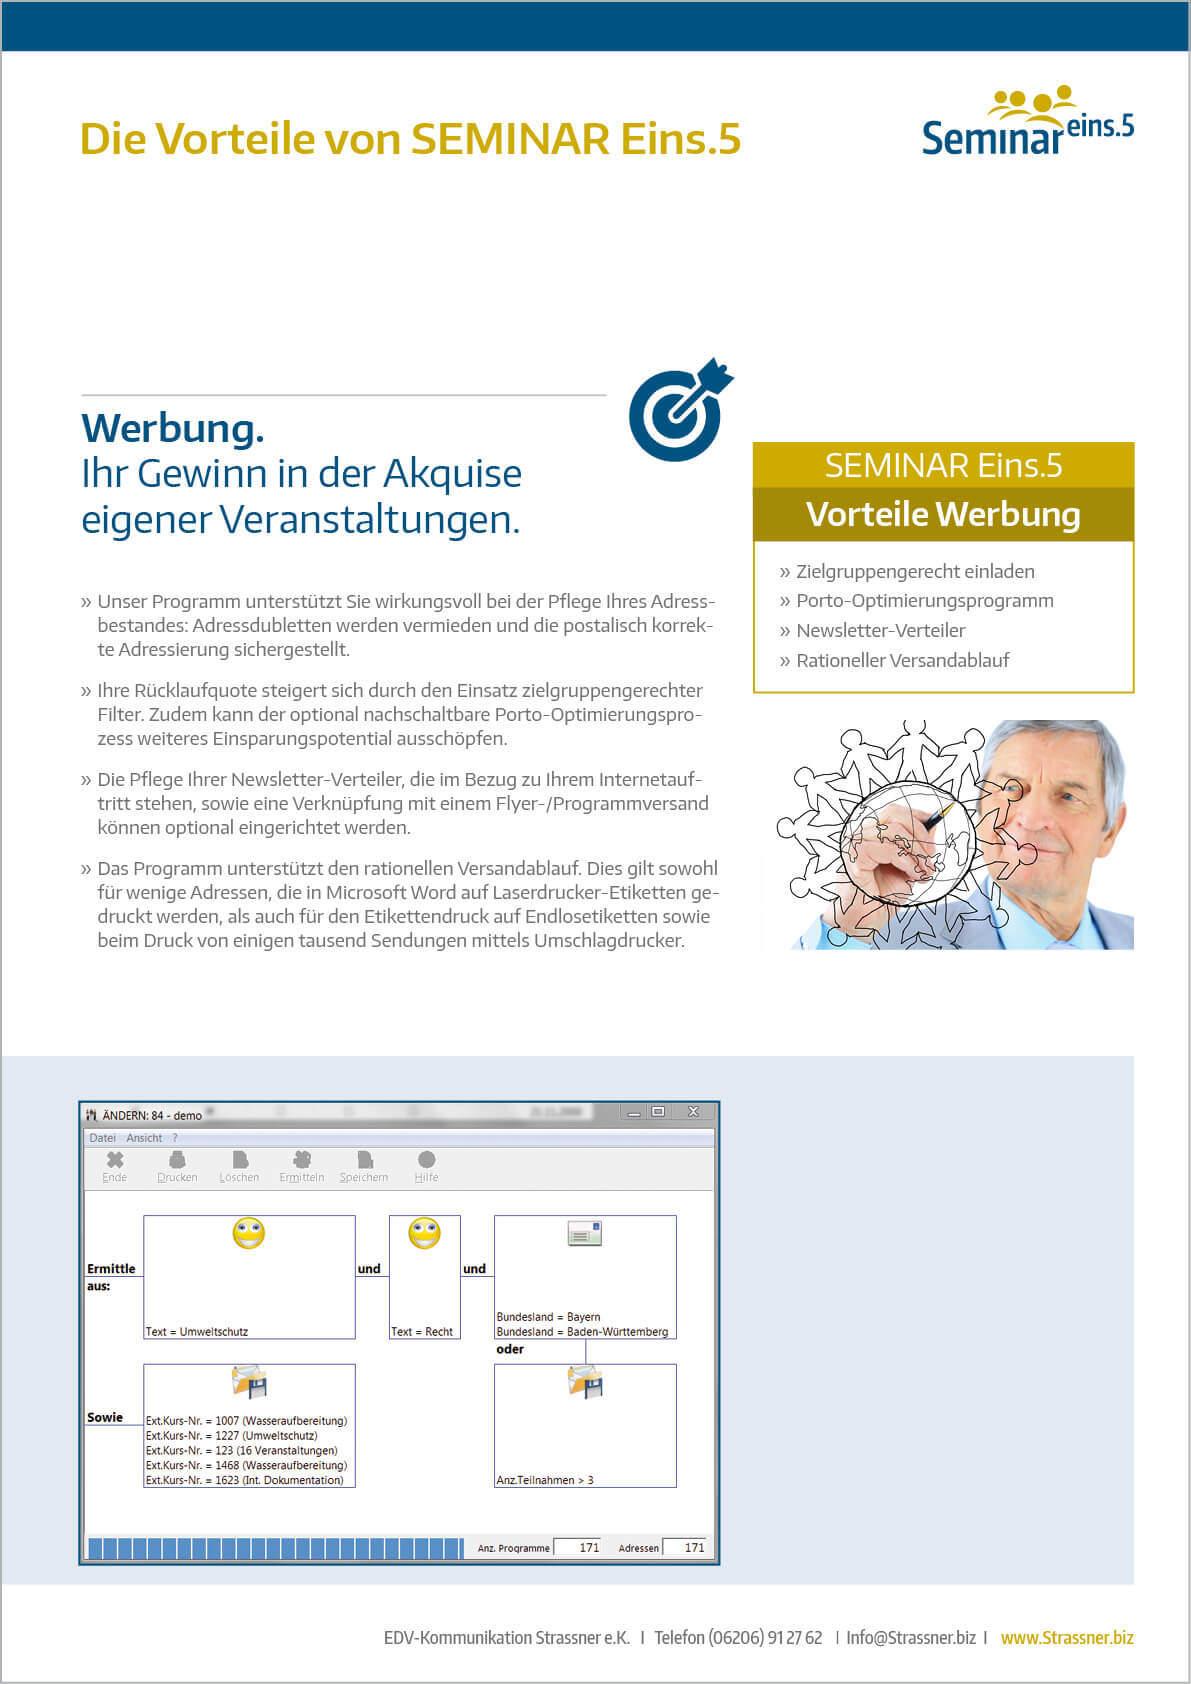 Seminar_Software_Seite4